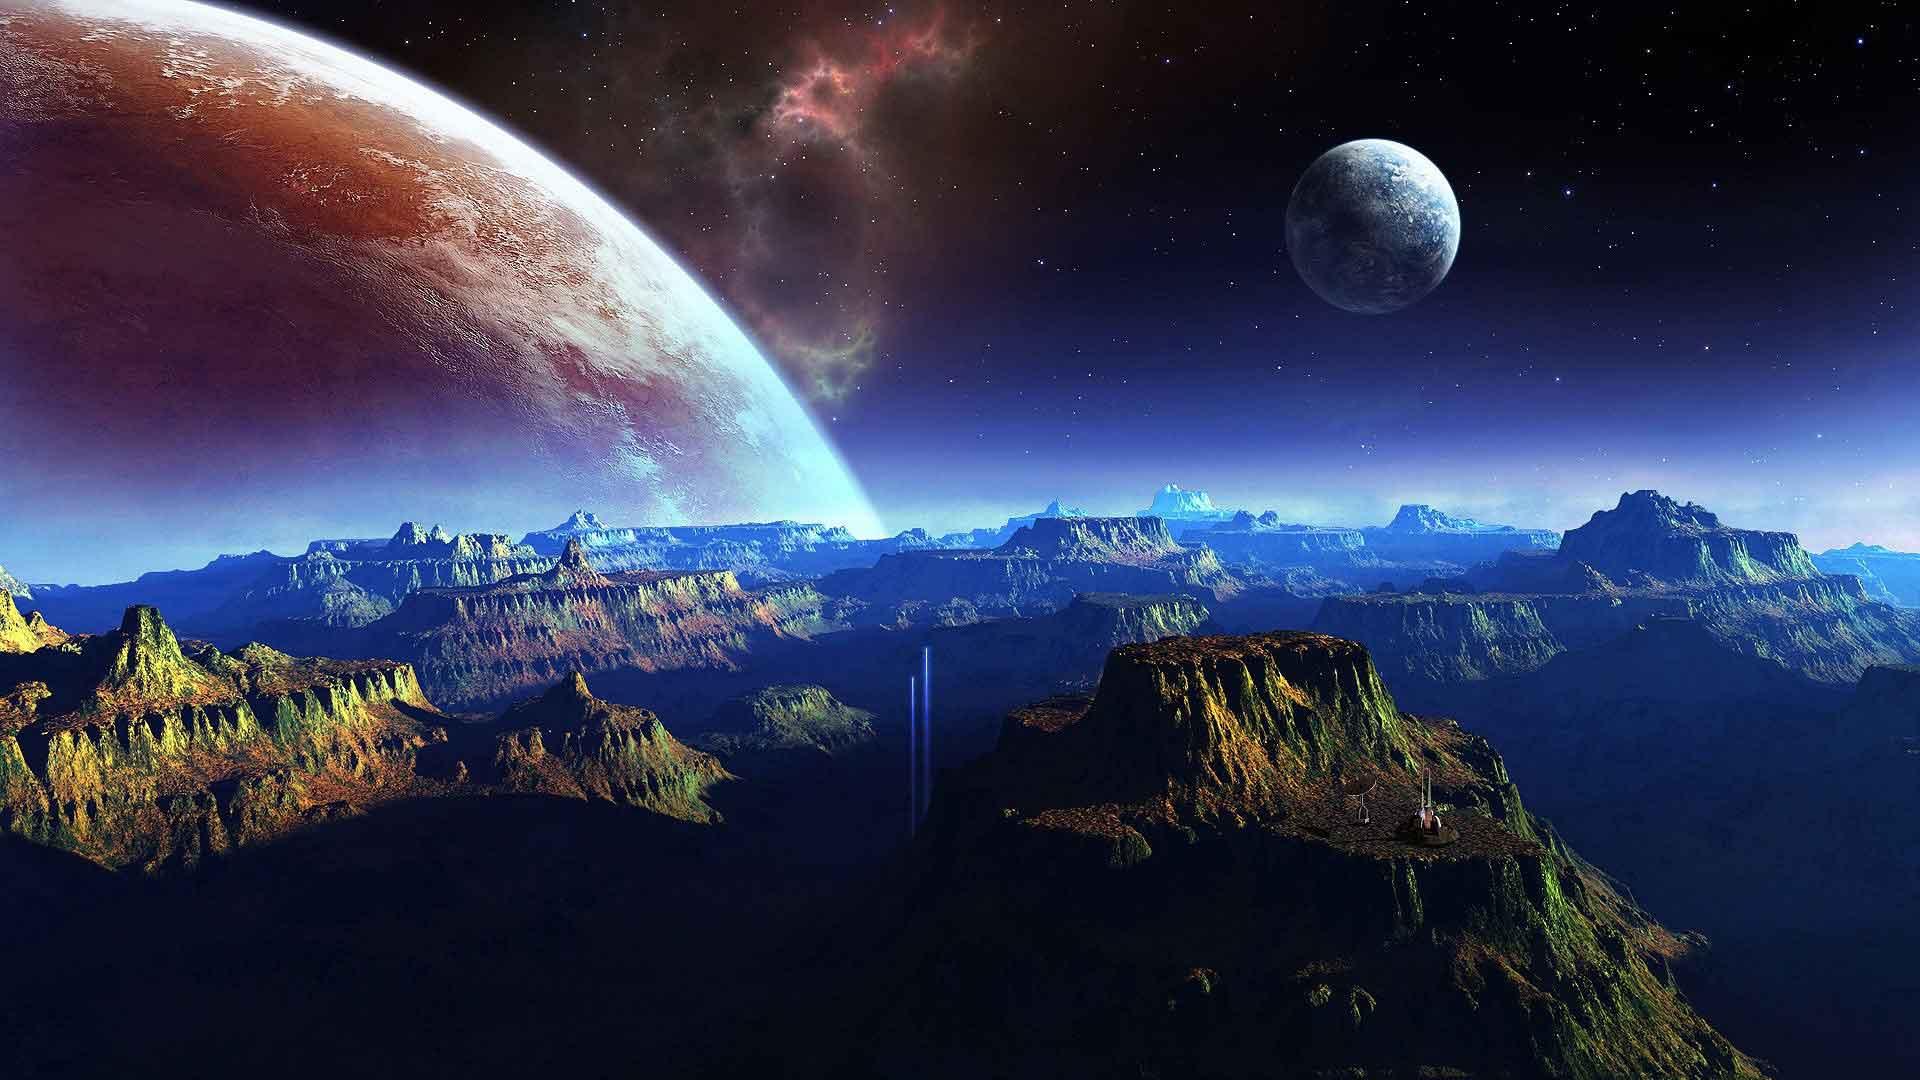 Rüyada 9 gezegeni görmek 7